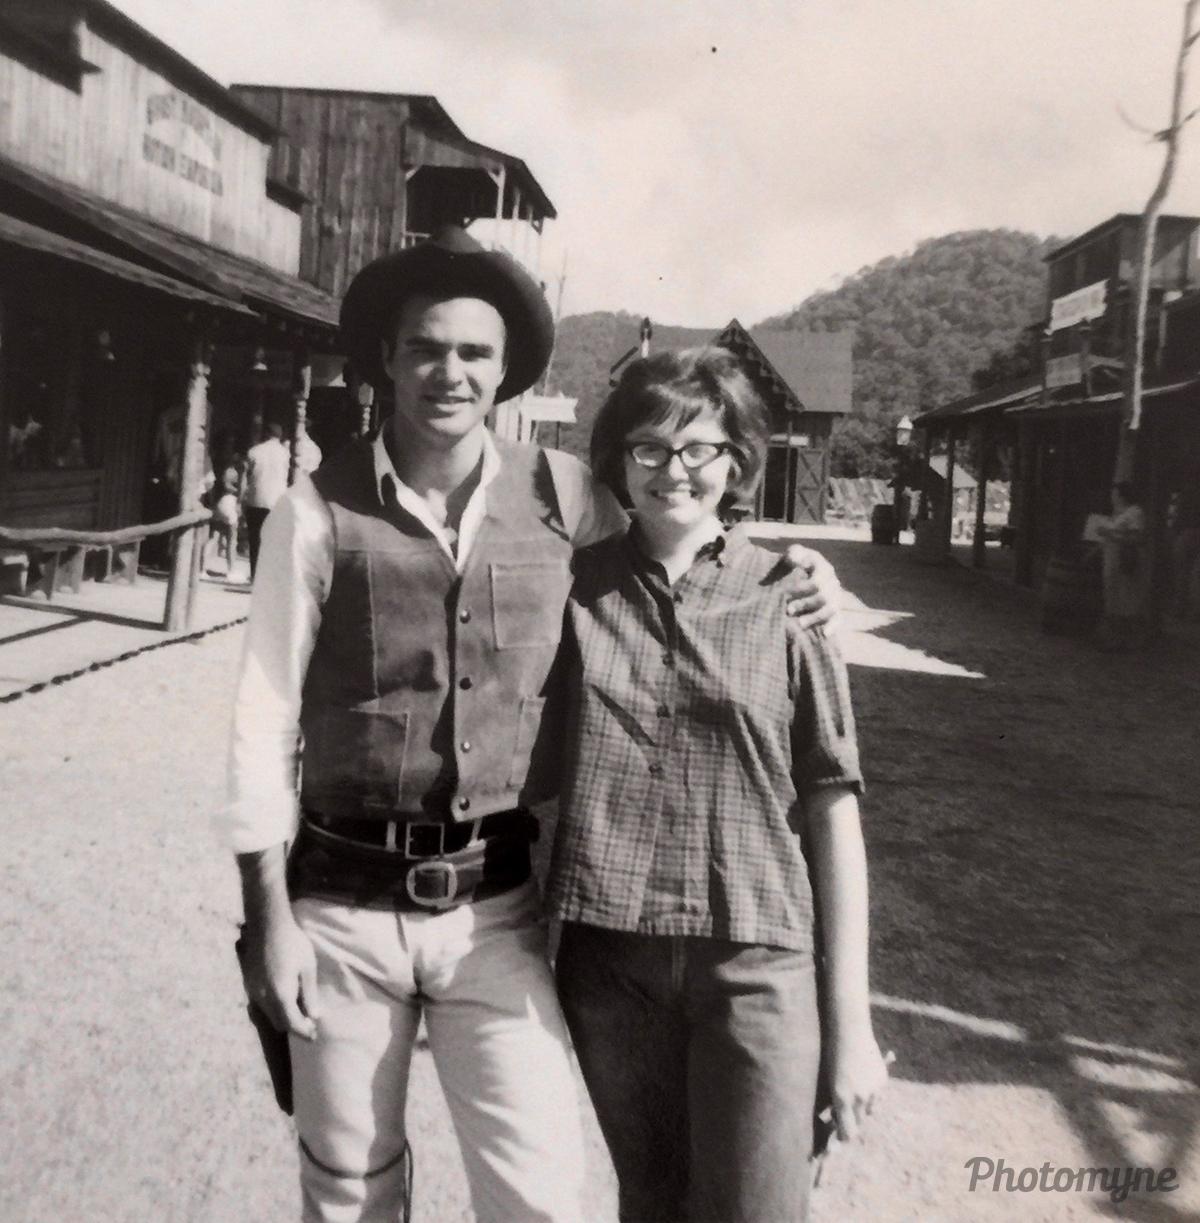 Sara & Burt Reynolds. North Carolina, USA 1965